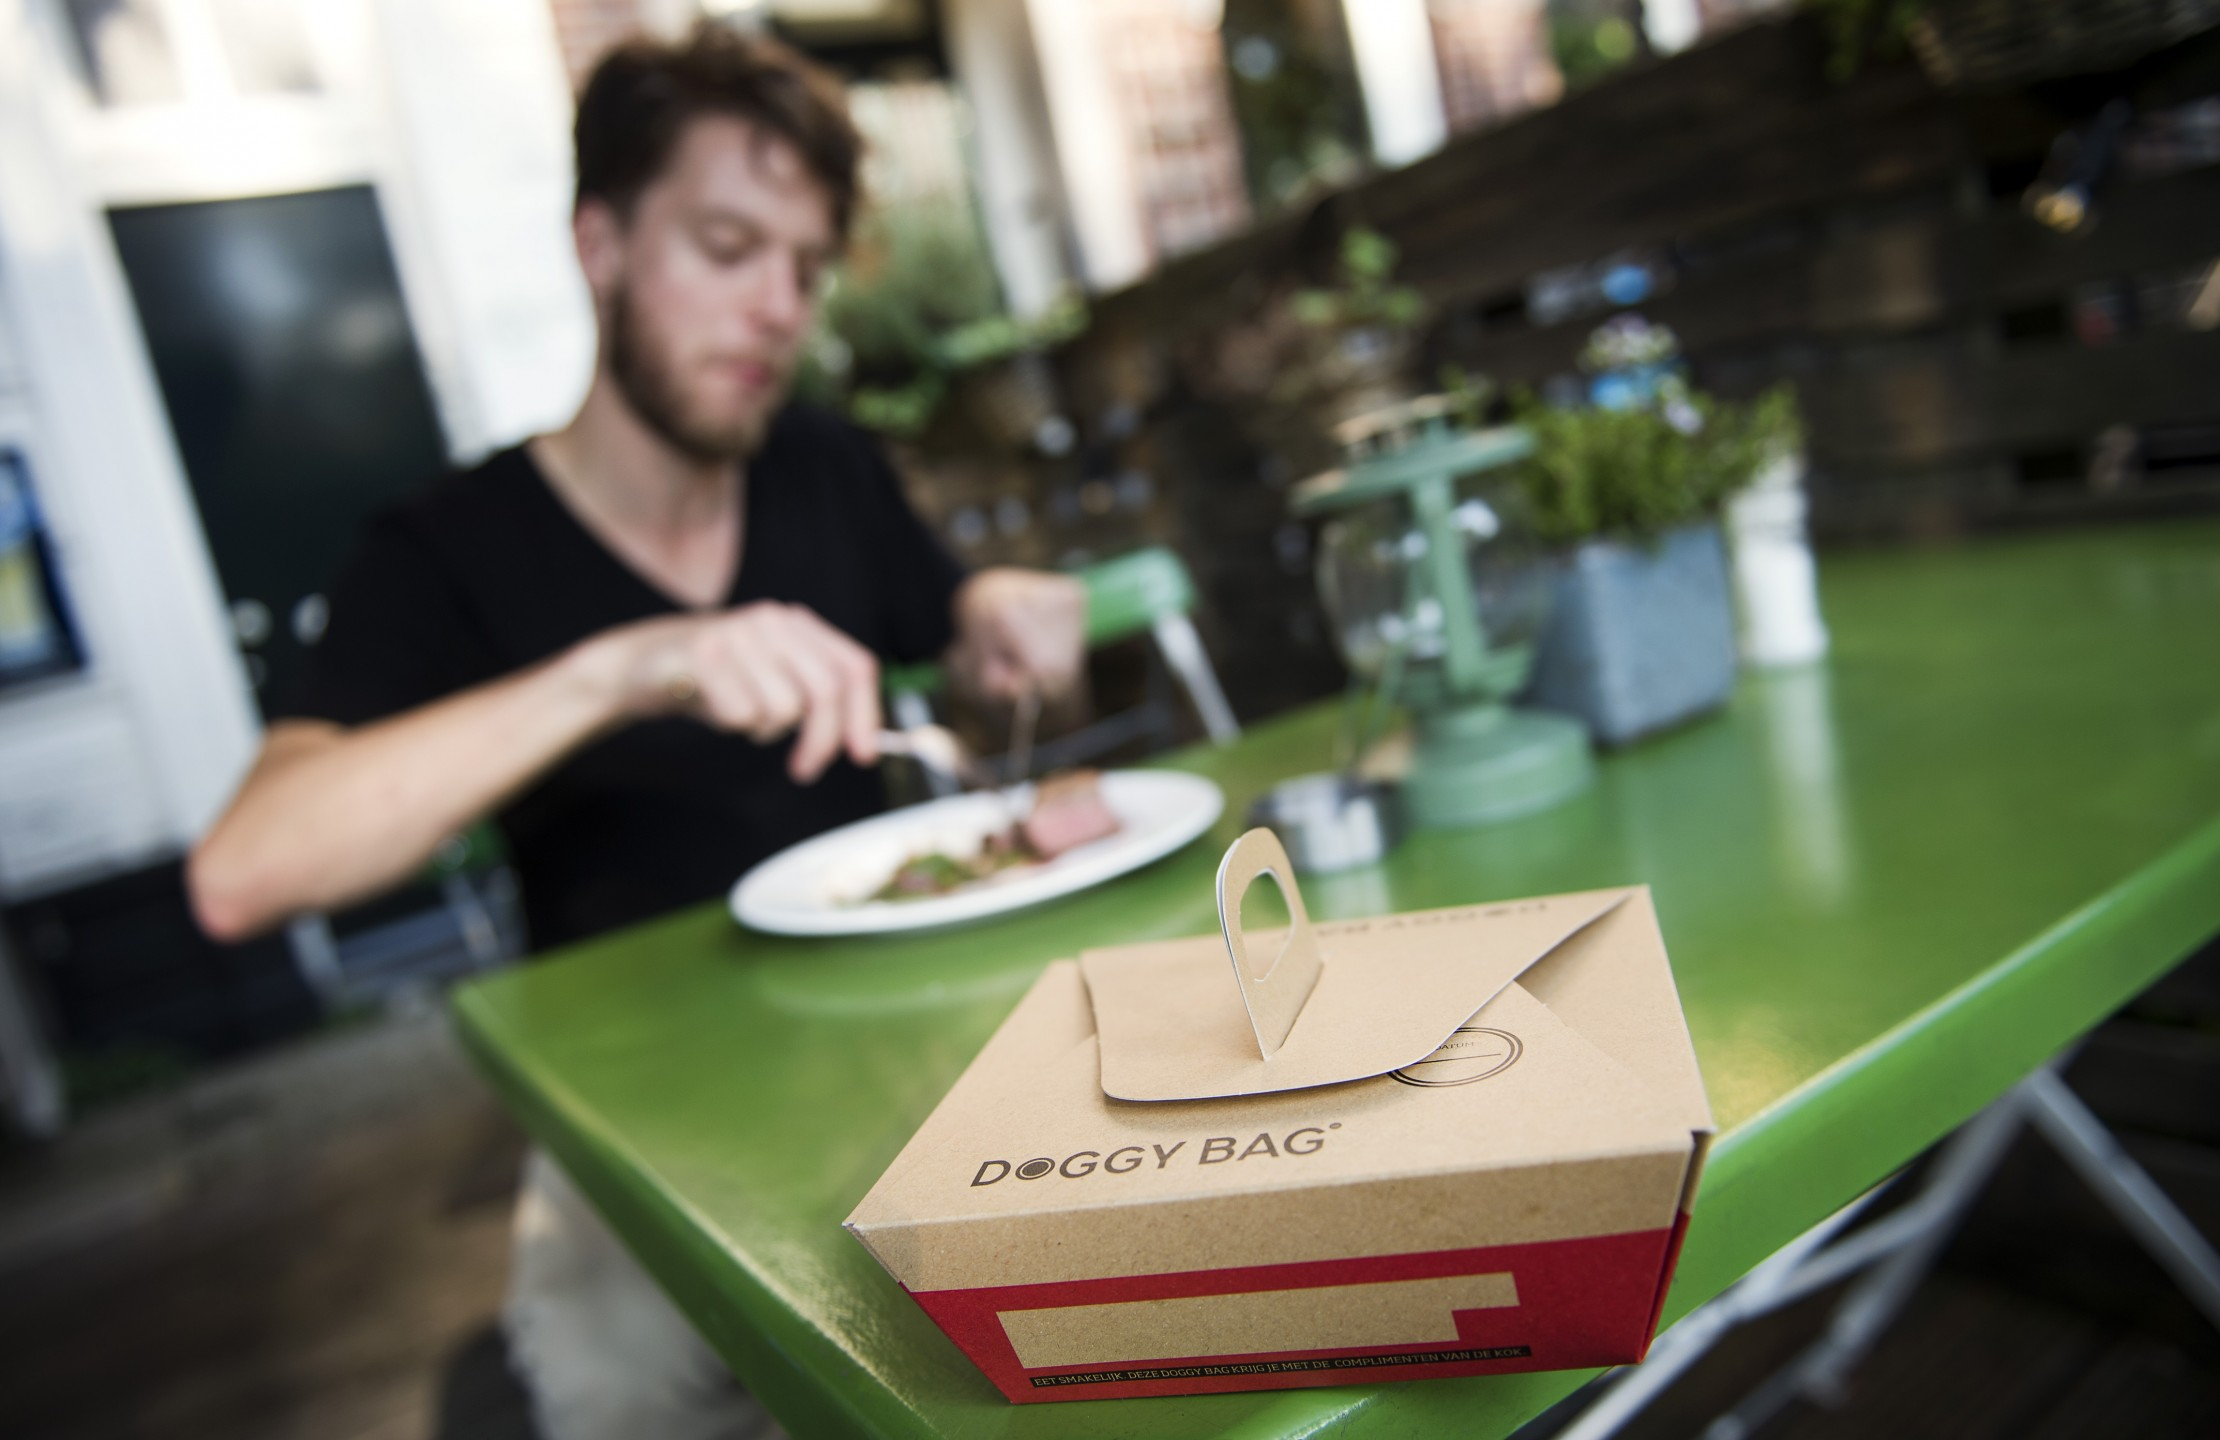 Nog steeds is de doggybag een taboe in Nederland